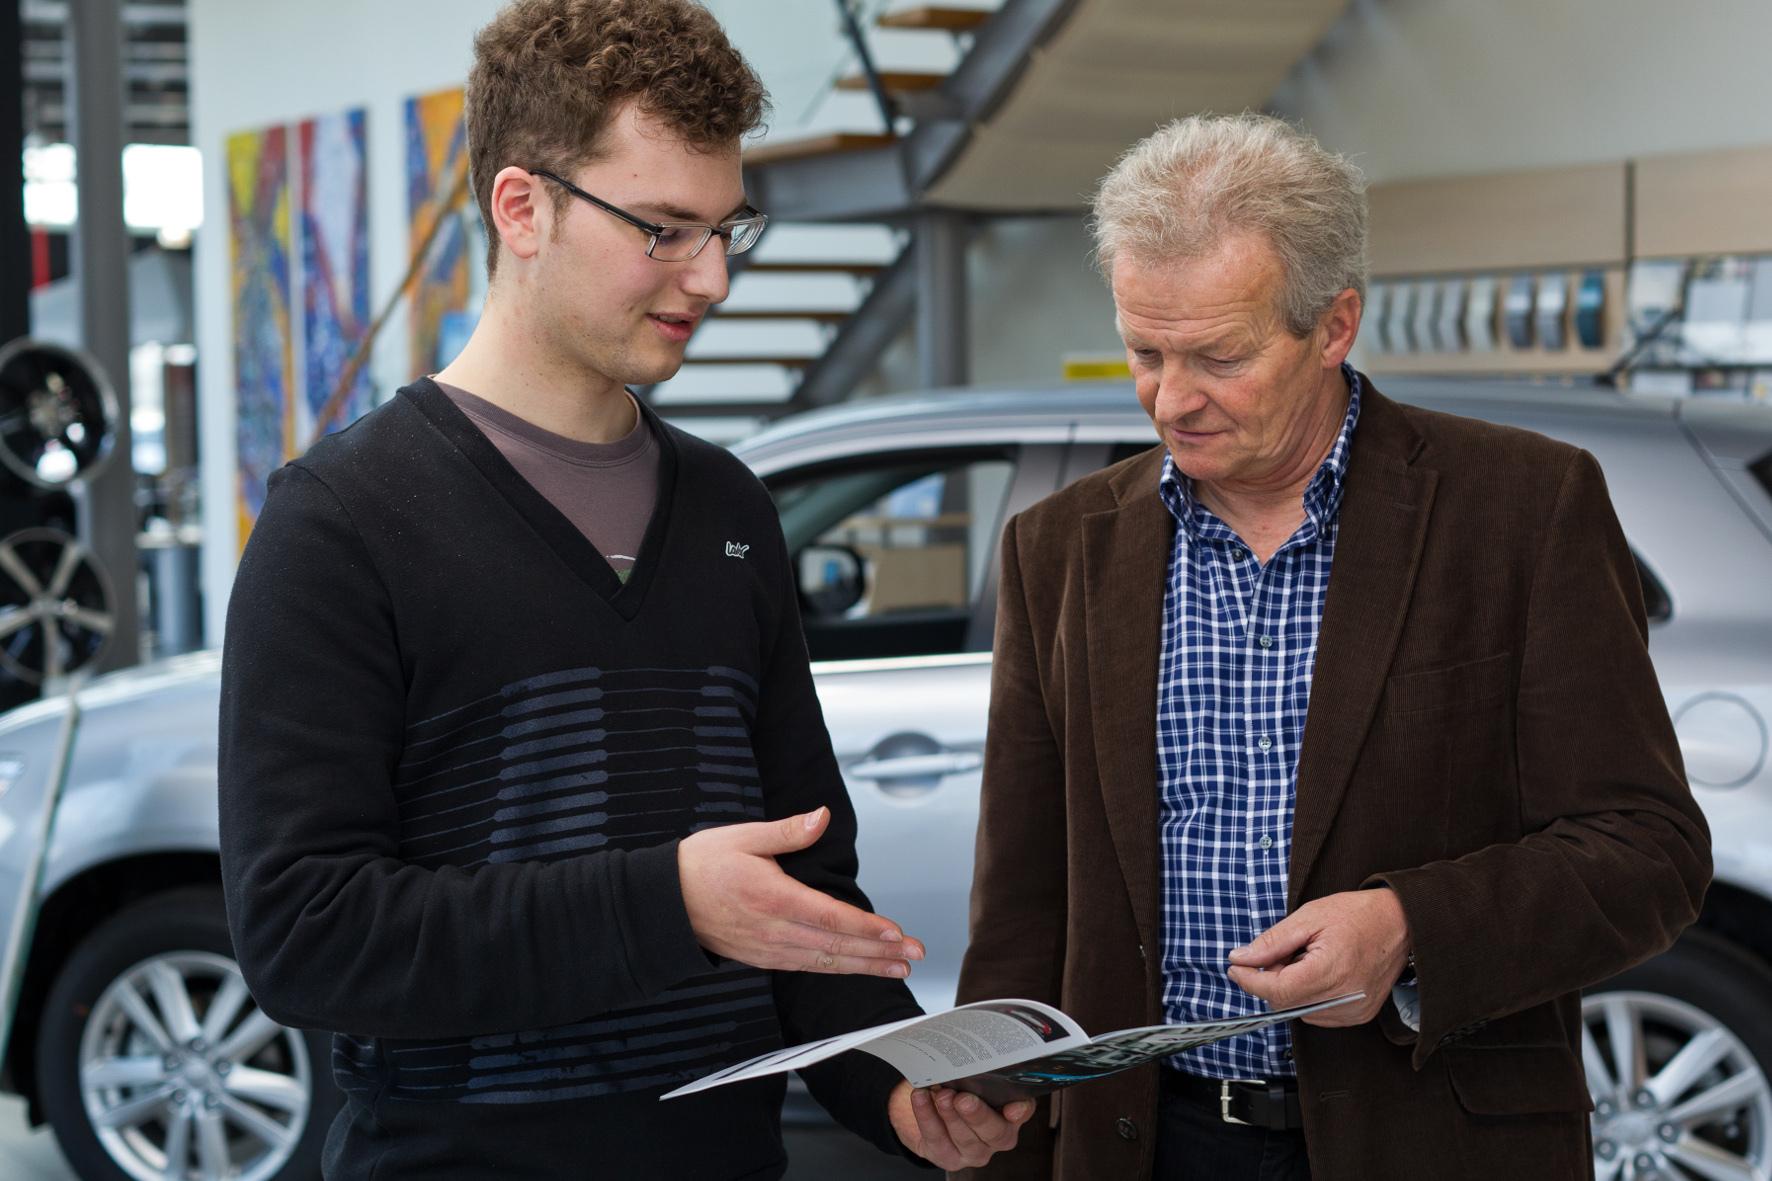 mid Groß-Gerau - Neuwagenkäufer in Deutschland sind im Durchschnitt 53 Jahre alt, und jedes dritte neue Auto wird von Menschen über 60 Jahre gekauft.